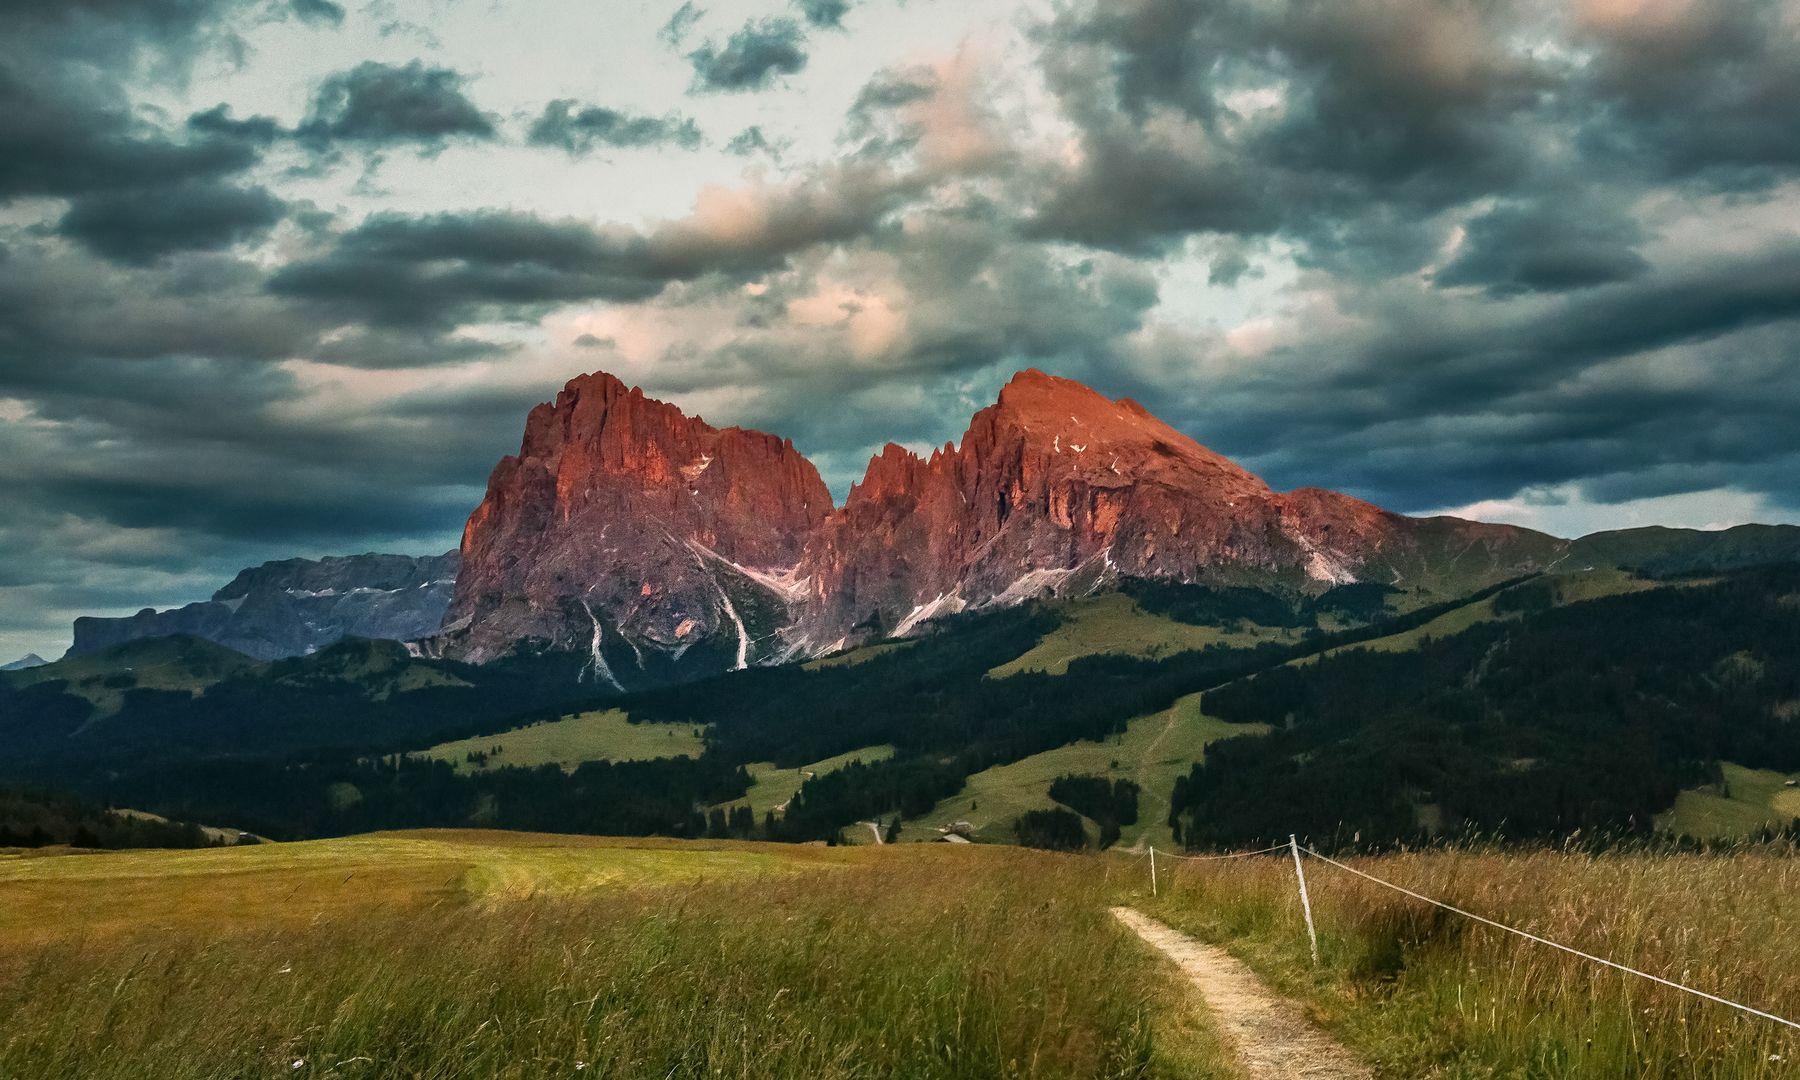 风景摄影:意大利多洛米提